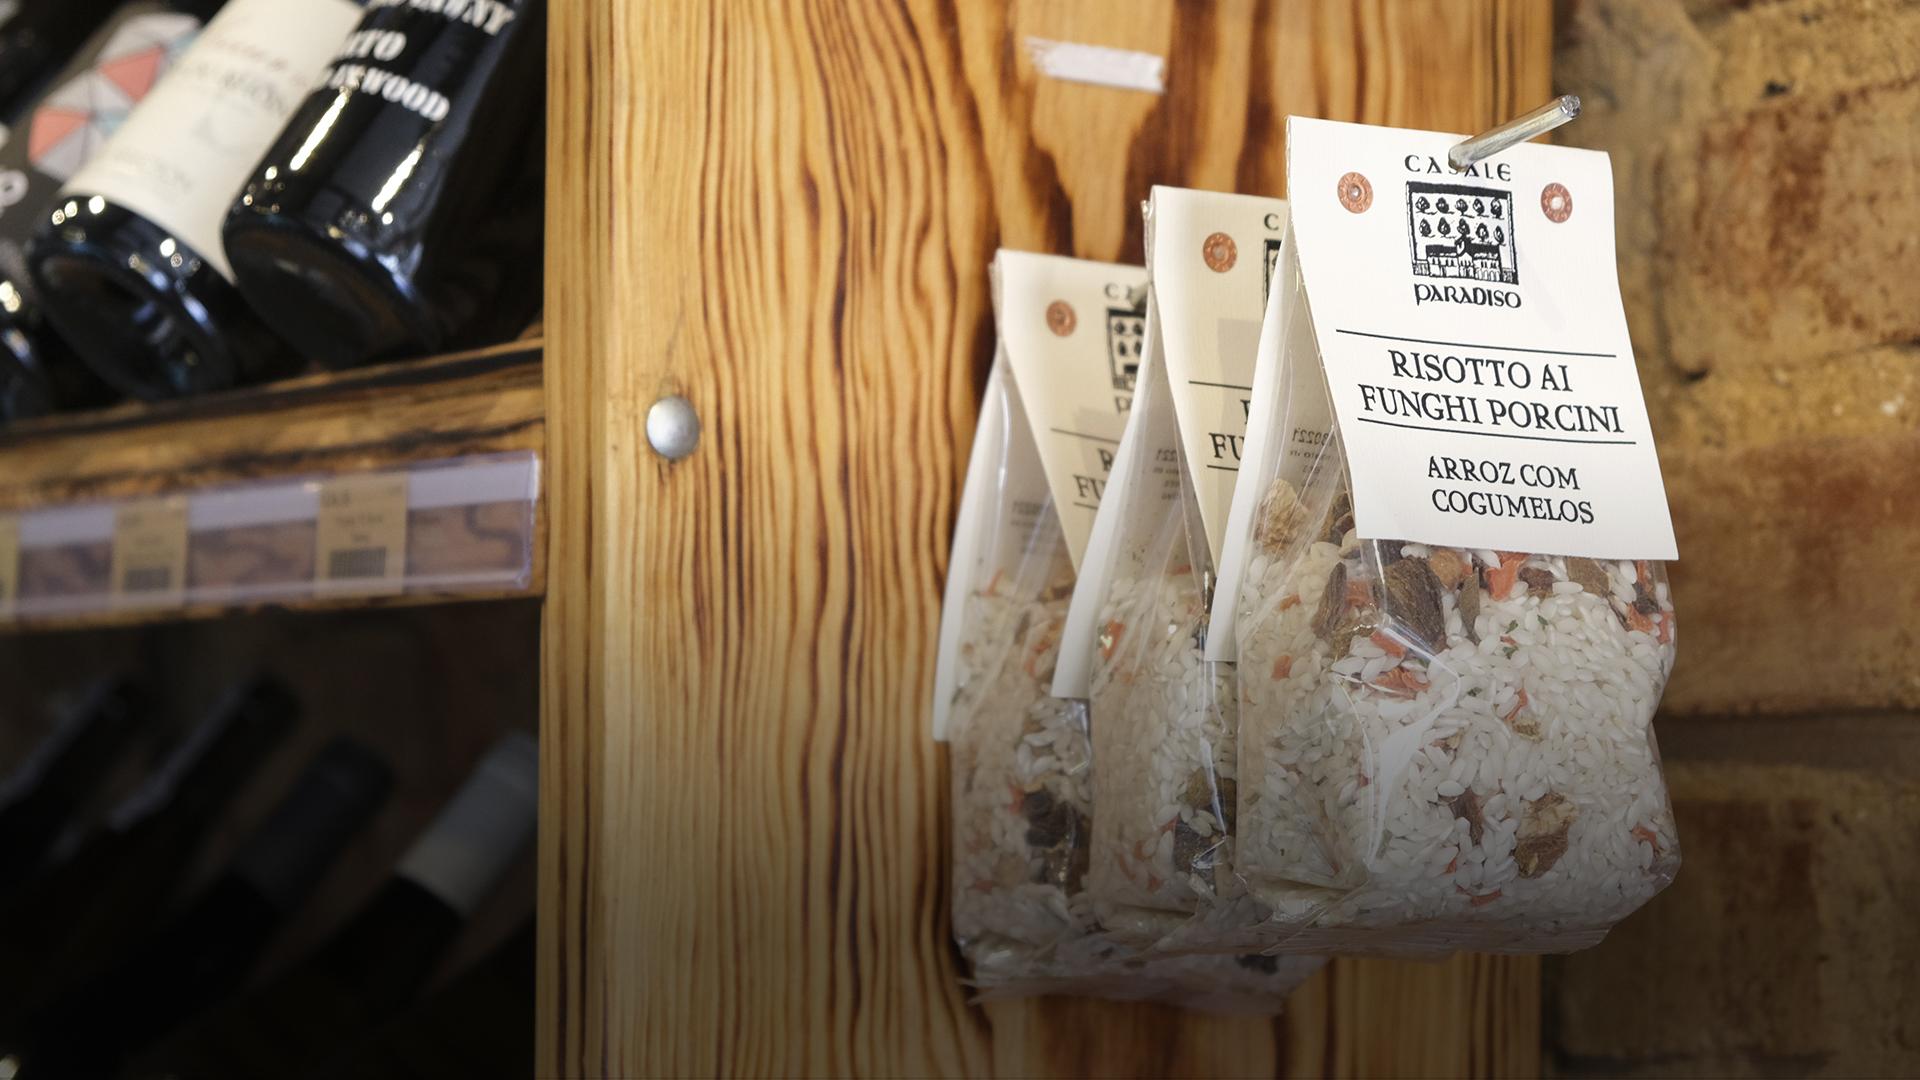 Domitília: a nova mercearia de bairro em Lisboa onde encontra tudo o que precisa